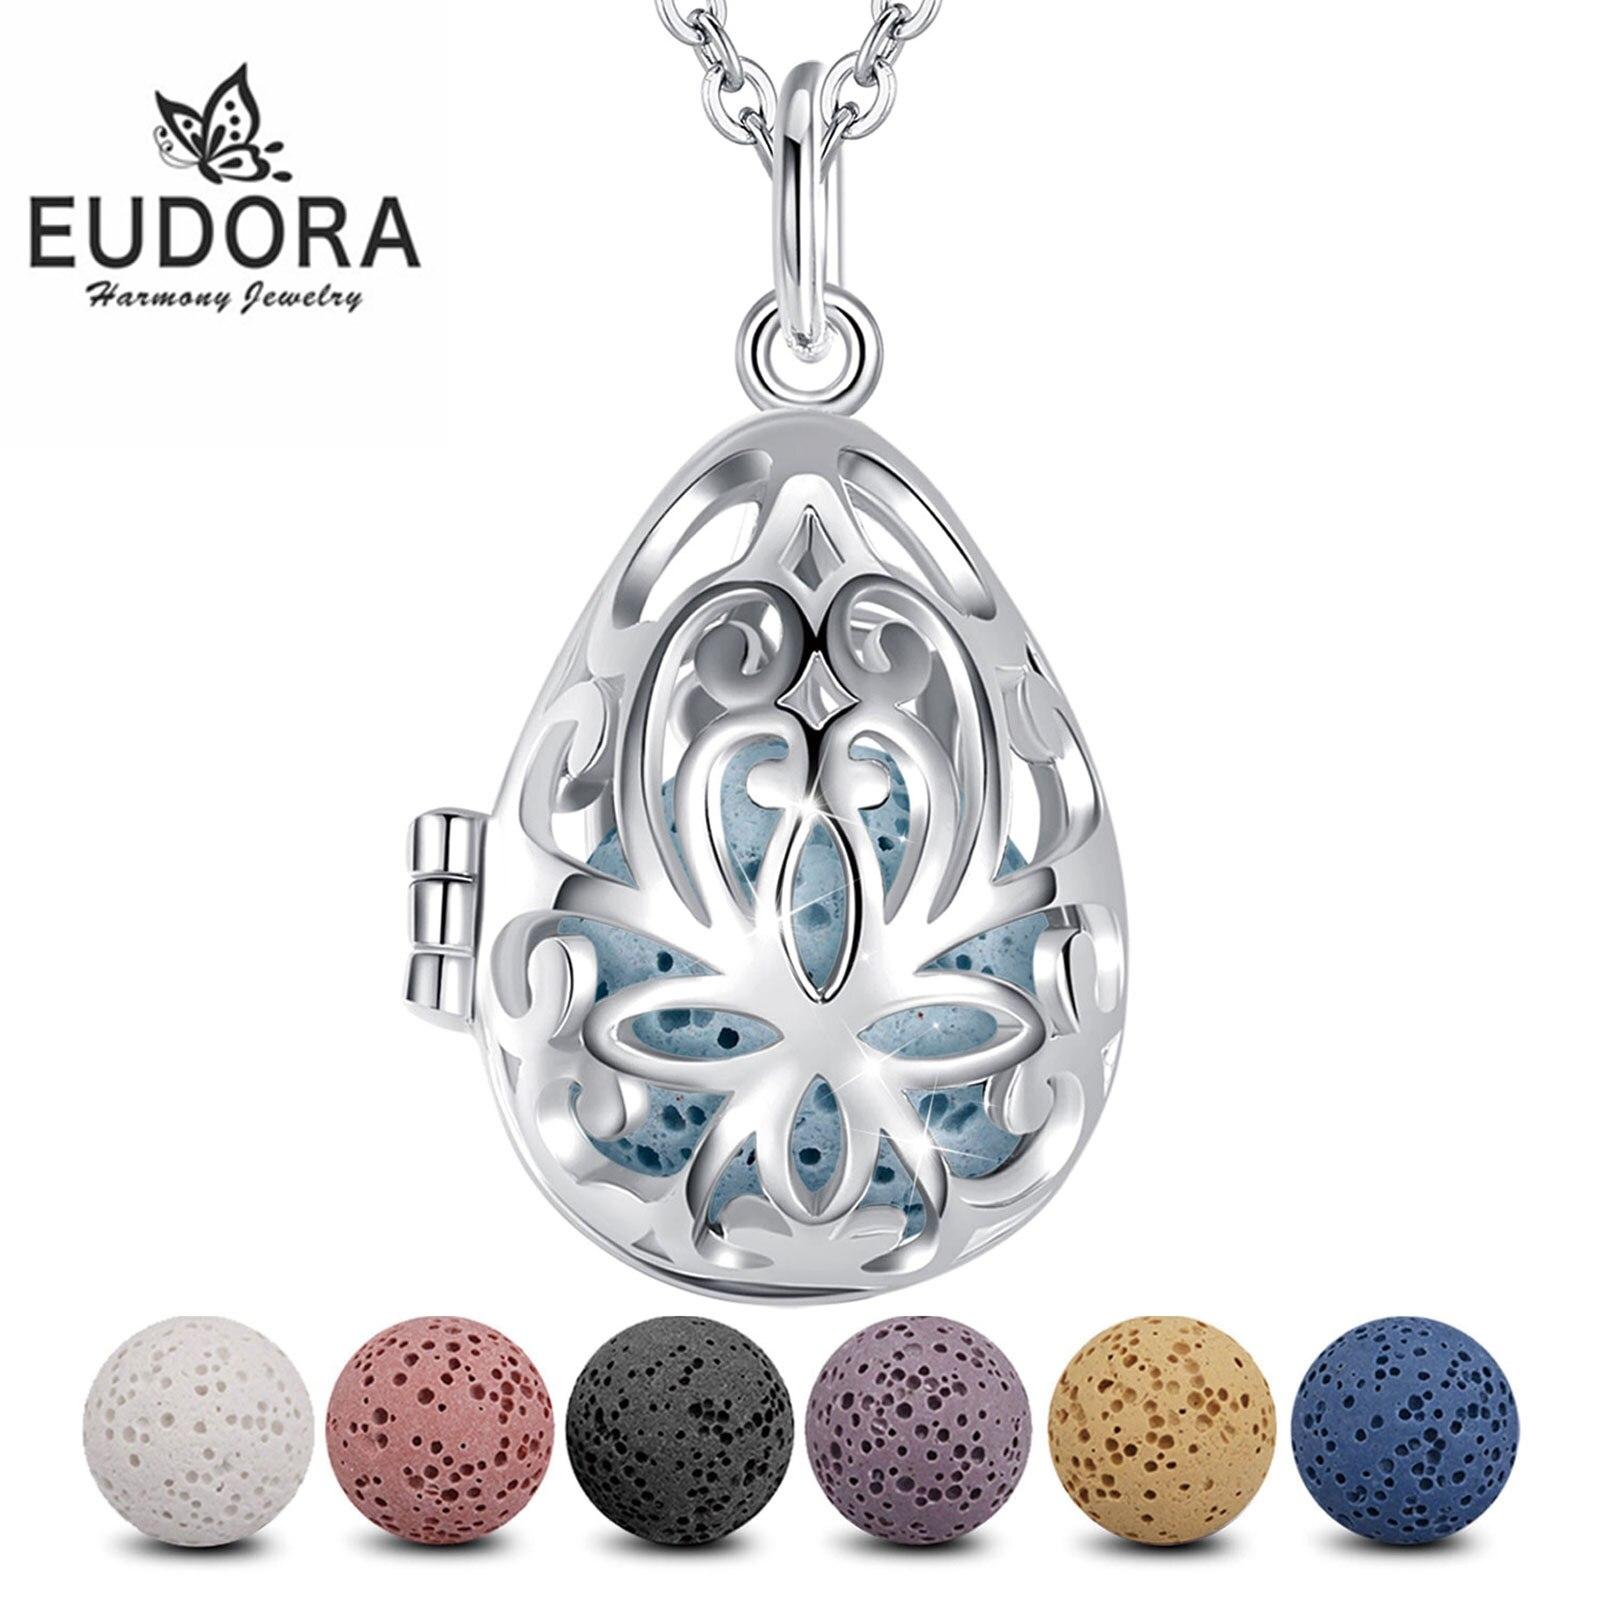 Eudora 12 mm fllower perfume difusor medalhão pingente lava colar caber bola de lava vulcânica para mulher jóias presente aniversário k49